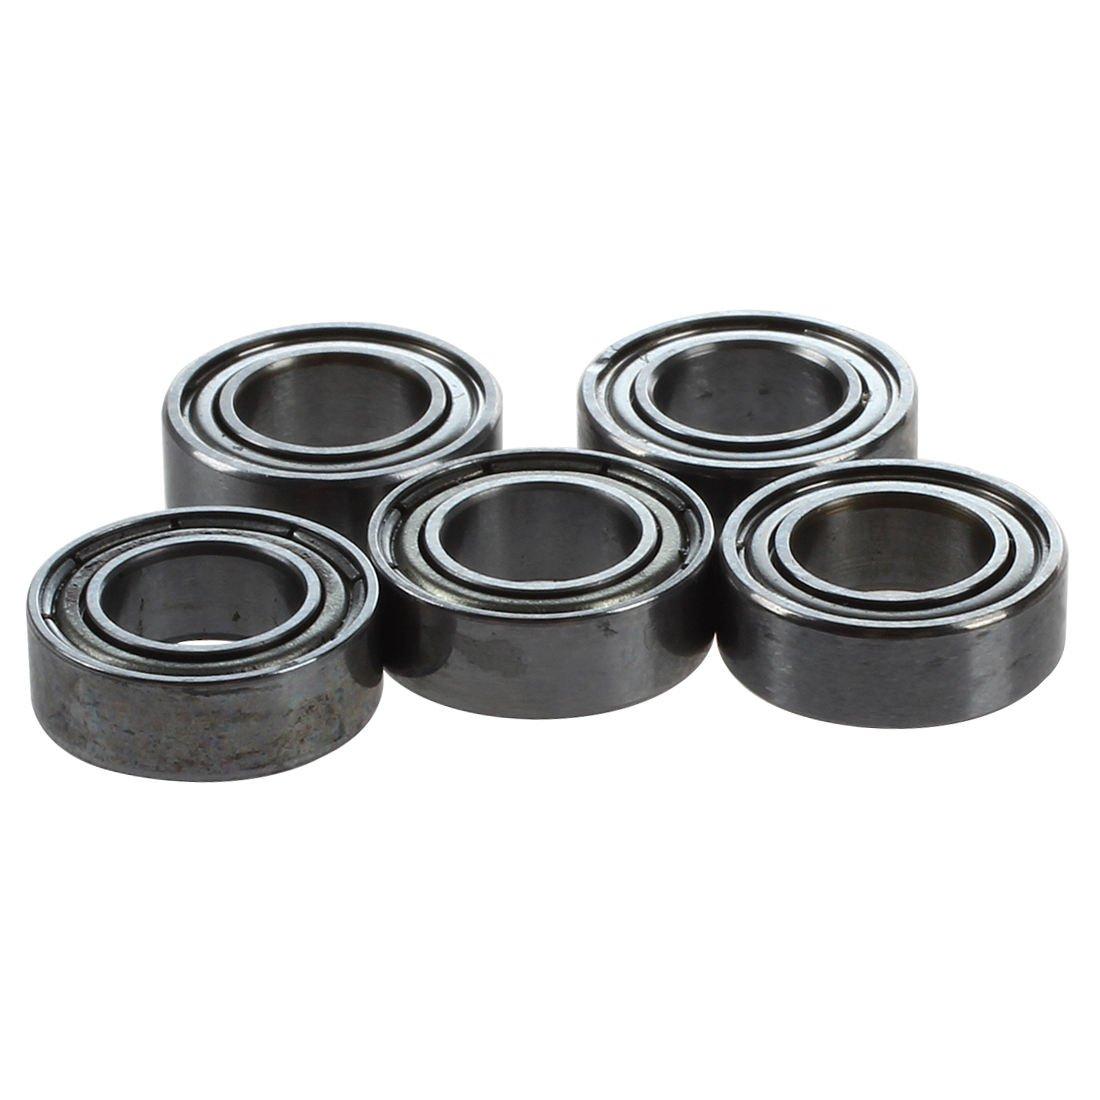 950ZZ Deep Groove Ball Bearing - TOOGOO(R) 5Pcs 950ZZ Dual Metal Shields Deep Groove Ball Bearing 5mmx9mmx3mm